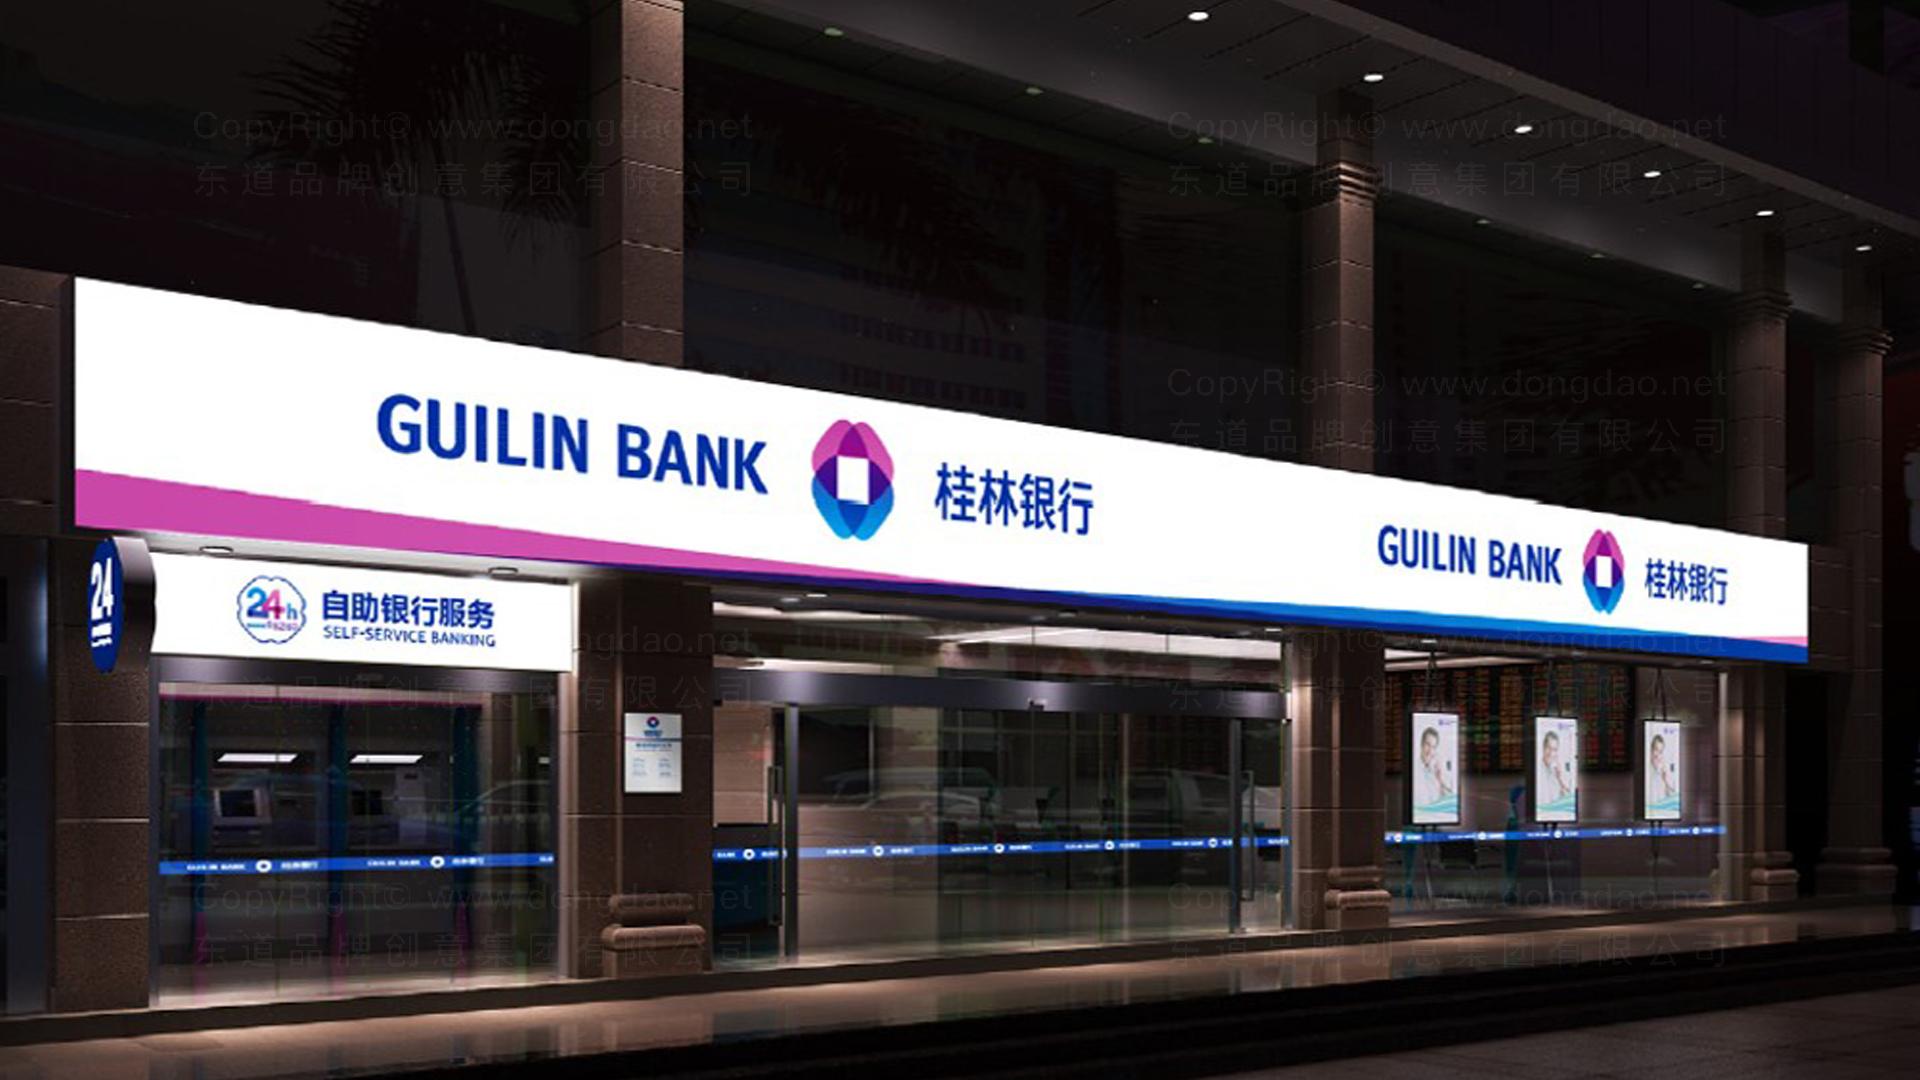 银行金融商业空间&导示桂林银行SI设计